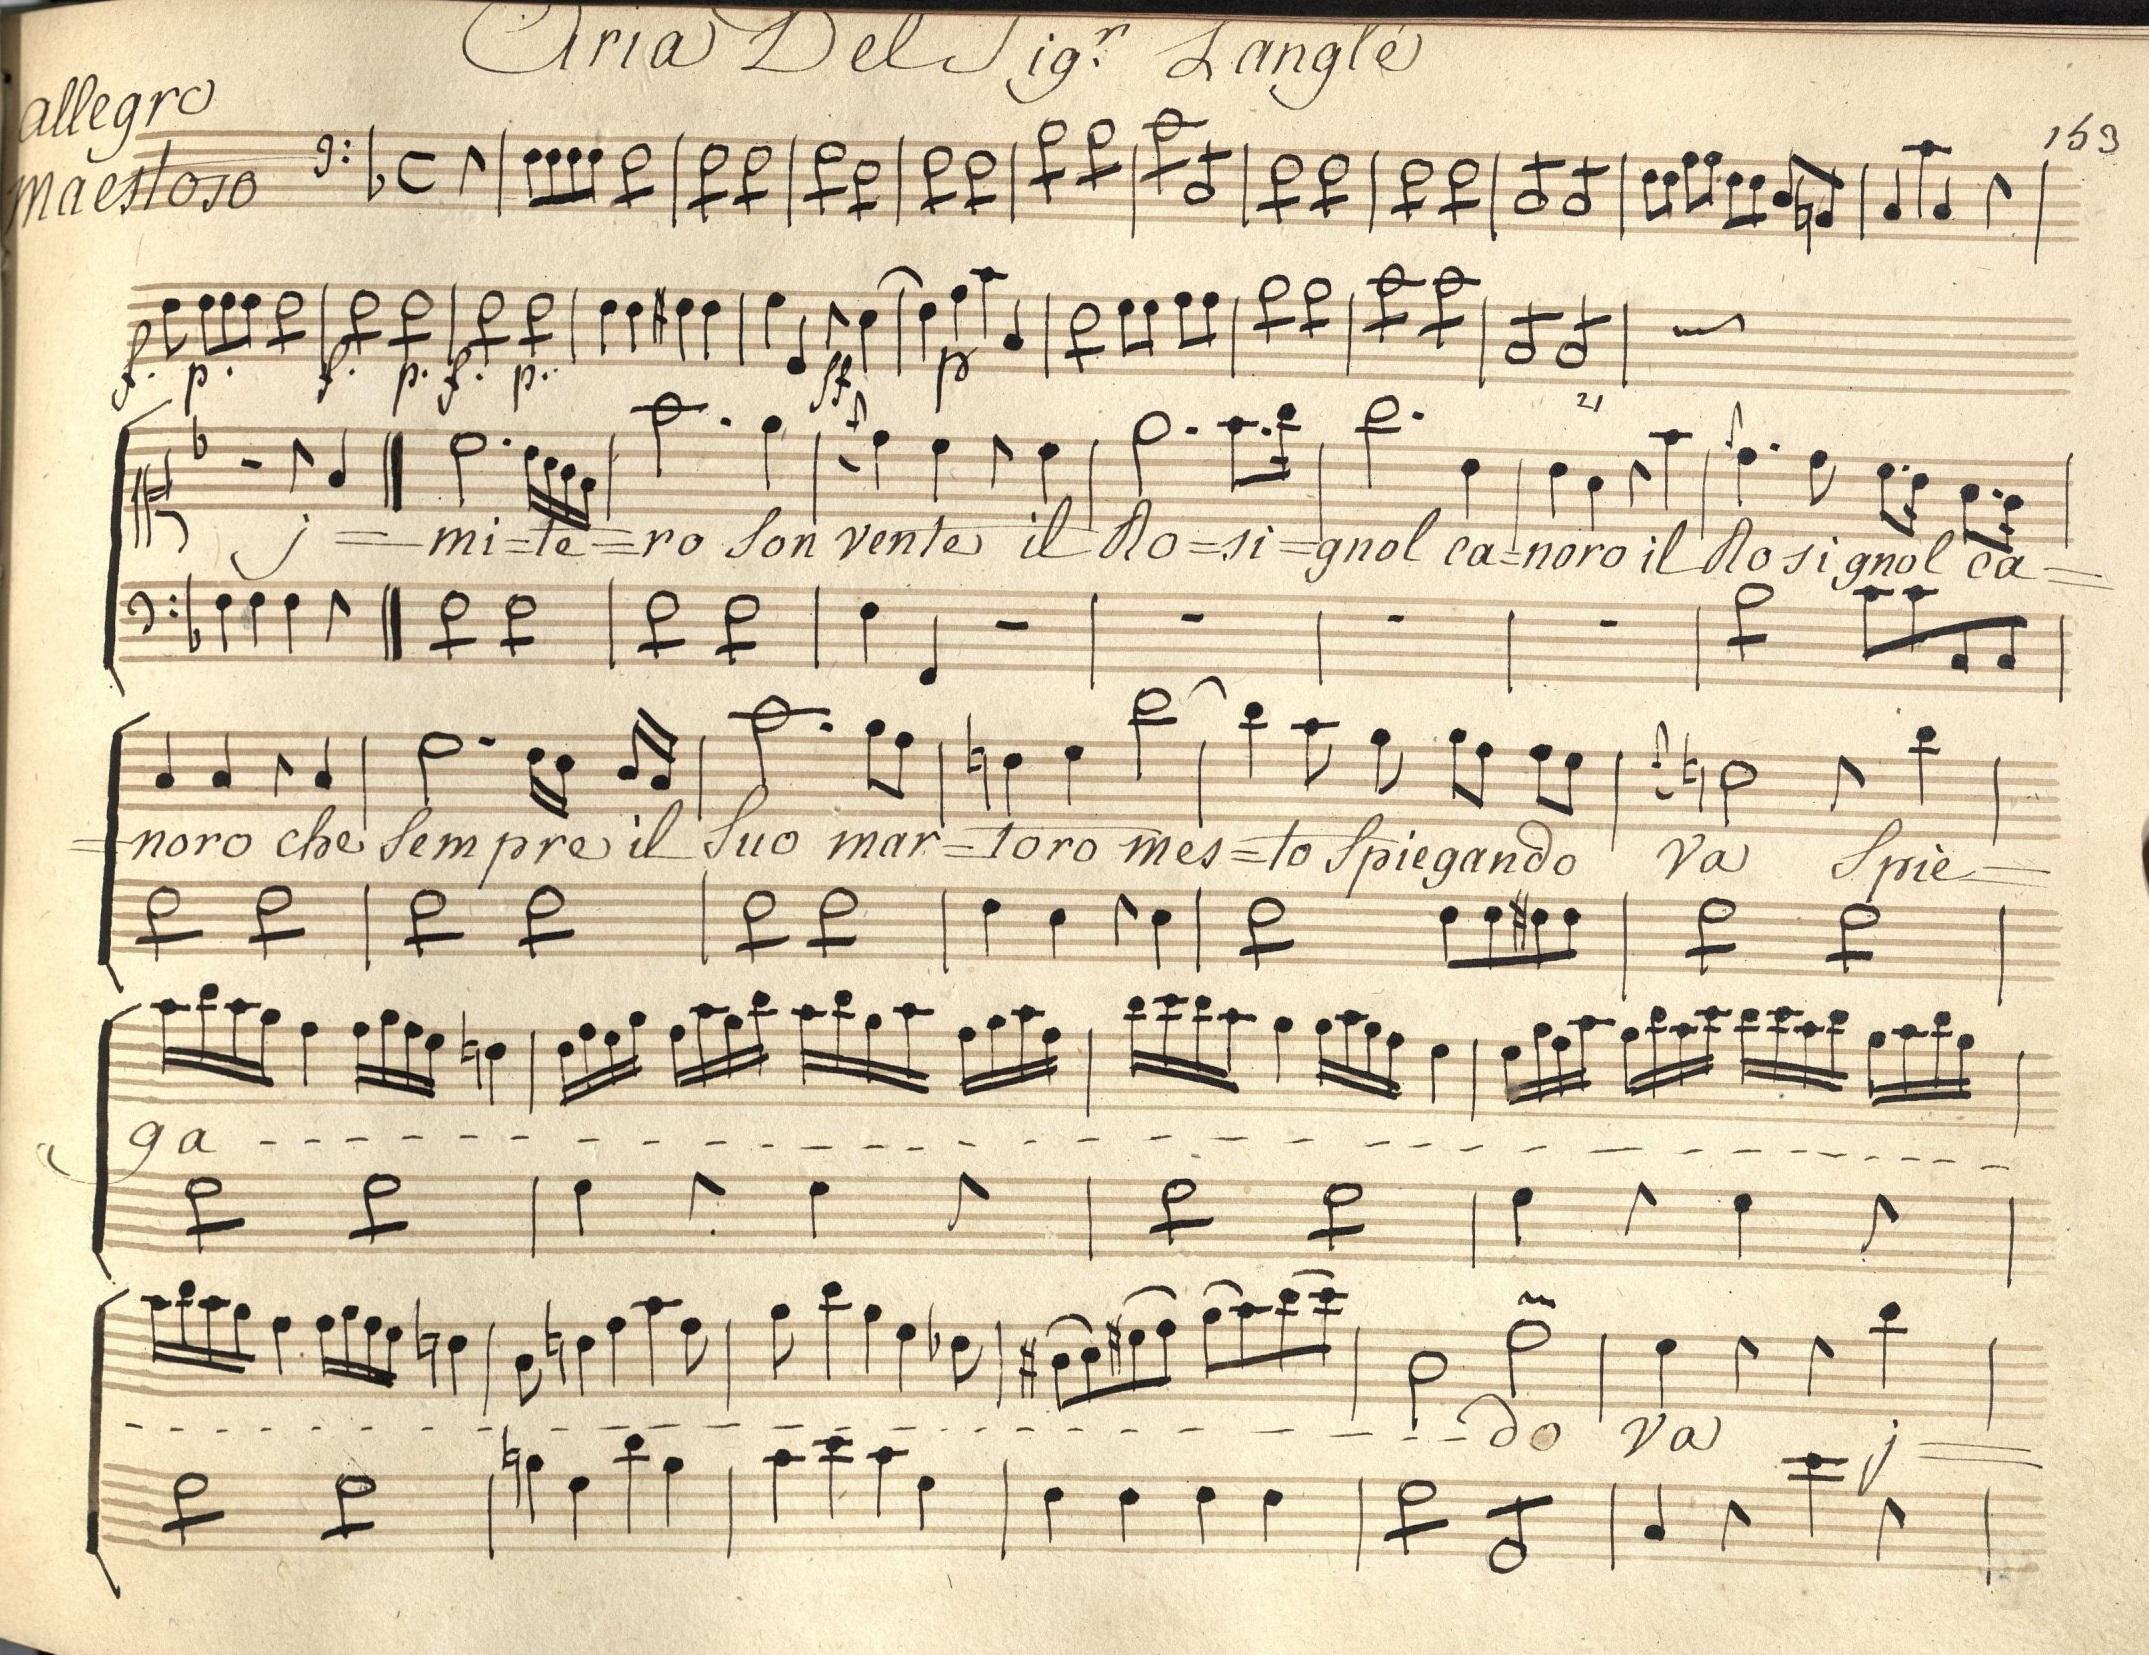 2013MT-1 volume 4, p. 153